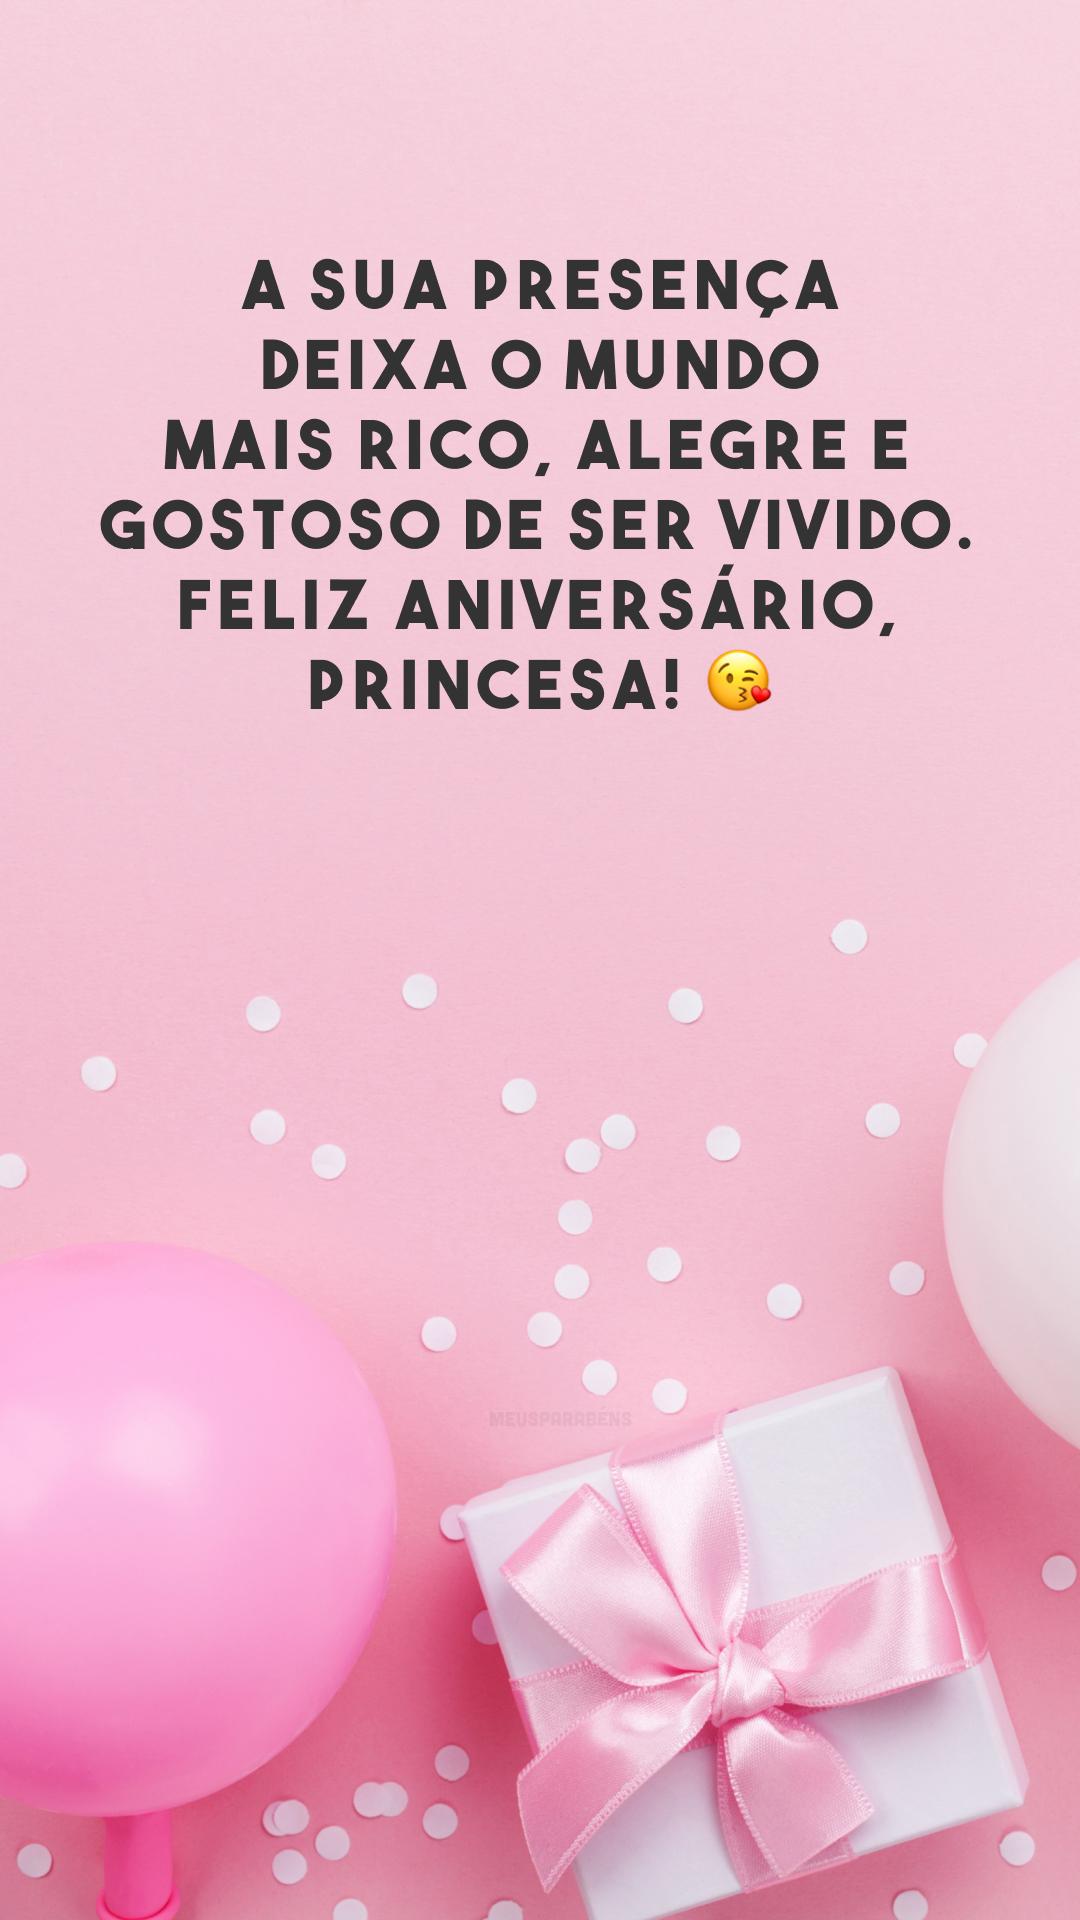 A sua presença deixa o mundo mais rico, alegre e gostoso de ser vivido. Feliz aniversário, princesa! 😘